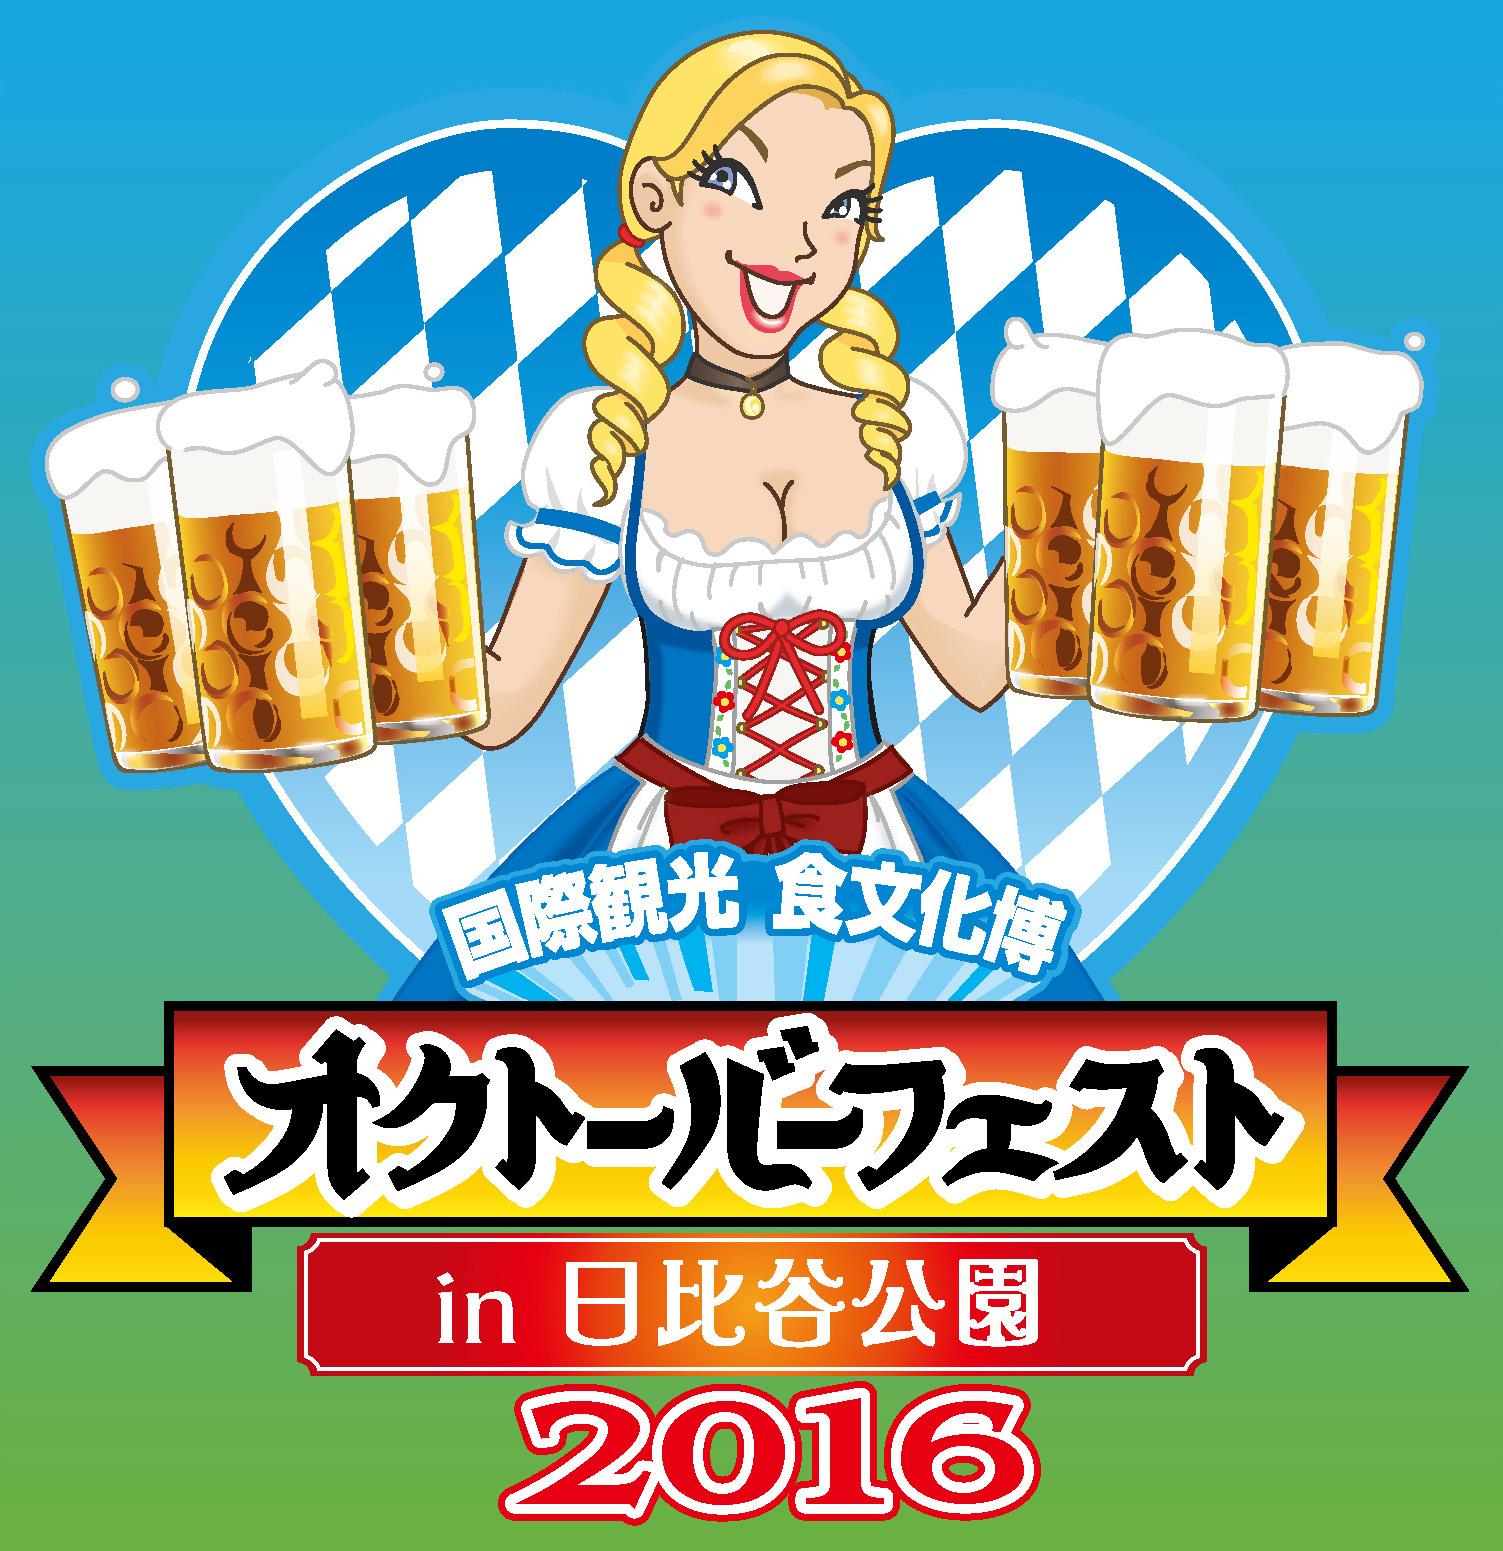 2016オクトちゃん_イベントアイコン日比谷